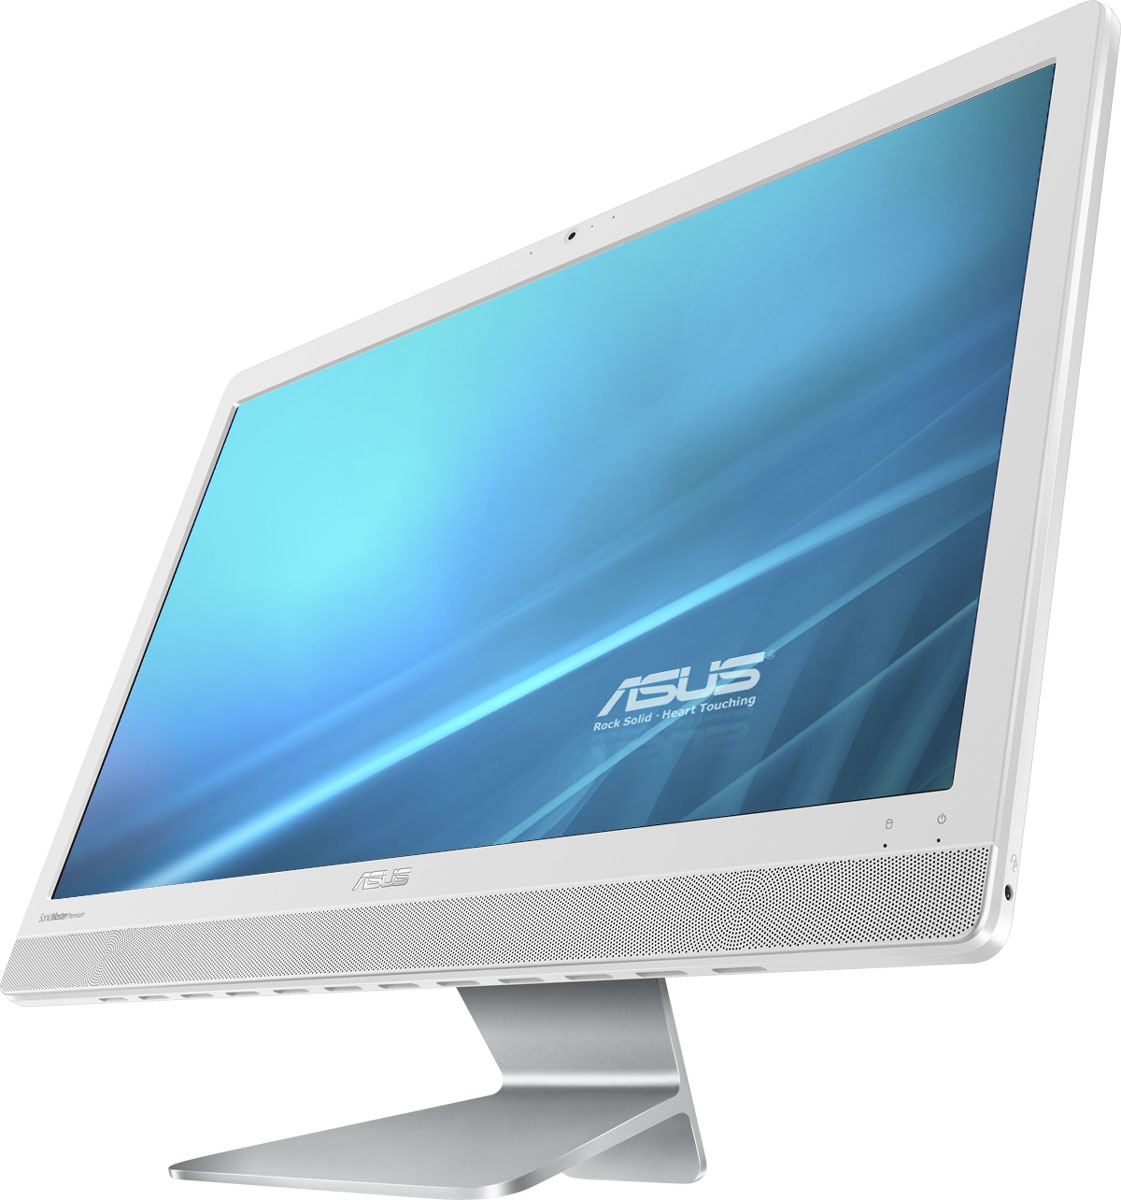 ASUS Vivo AiO V221ICUK-WA011D, White моноблокV221ICUK-WA011DASUS Vivo AiO V221ICUK - это самая тонкая модель в линейке моноблочных компьютеров Vivo AiO. Она будет особенно хороша для мультимедийных приложений, поскольку включает в себя высококачественную встроенную аудиосистему, выдающую мощный звук с минимальным уровнем искажений.При создании облика моноблочного компьютера Vivo AiO V221ICUK дизайнеры и инженеры ASUS старались минимизировать число отвлекающих деталей, но при этом сделать его максимально удобным в использовании. Изящная и прочная подставка, выполненная из цельной алюминиевой заготовки, позволяет легко задать комфортный угол наклона экрана.Vivo AiO V221ICUK оснащается 21,5-дюймовым дисплеем формата Full HD (1920х1080 пикселей), который выдает детализированную картинку с насыщенными цветами. Этому способствуют эксклюзивные технологии Splendid и Tru2Life Video, оптимизирующие изображение в зависимости от используемых приложений.В аппаратную конфигурацию Vivo AiO V221ICUK входит процессор Intel Core i3-7100U седьмого поколения, который обладает большей производительностью по сравнению с предыдущим поколением. Таким образом, этот моноблочный компьютер прекрасно подходит для повседневных задач, от просмотра сайтов и видео до работы с электронной почтой.Моноблочный компьютер Vivo AiO V221ICUK наделен высококачественной встроенной акустической системой. Включенные в ее состав фронтальные динамики используют волноводы, акустические камеры увеличенного объема и интеллектуальные усилители, чтобы обеспечить более мощный звук при минимальном уровне искажений. Впечатляющие басы и широкий динамический диапазон приятно удивят всех любителей хорошего звука.Благодаря эксклюзивной аудиотехнологии SonicMaster Premium встроенная аудиосистема компьютера Vivo AiO V221ICUK может похвастать мощными басами и кристально чистым воспроизведением вокала - даже на максимальном уровне громкости.Для настройки звучания служит функция AudioWizard, предлагающая выбрать один из пяти вар